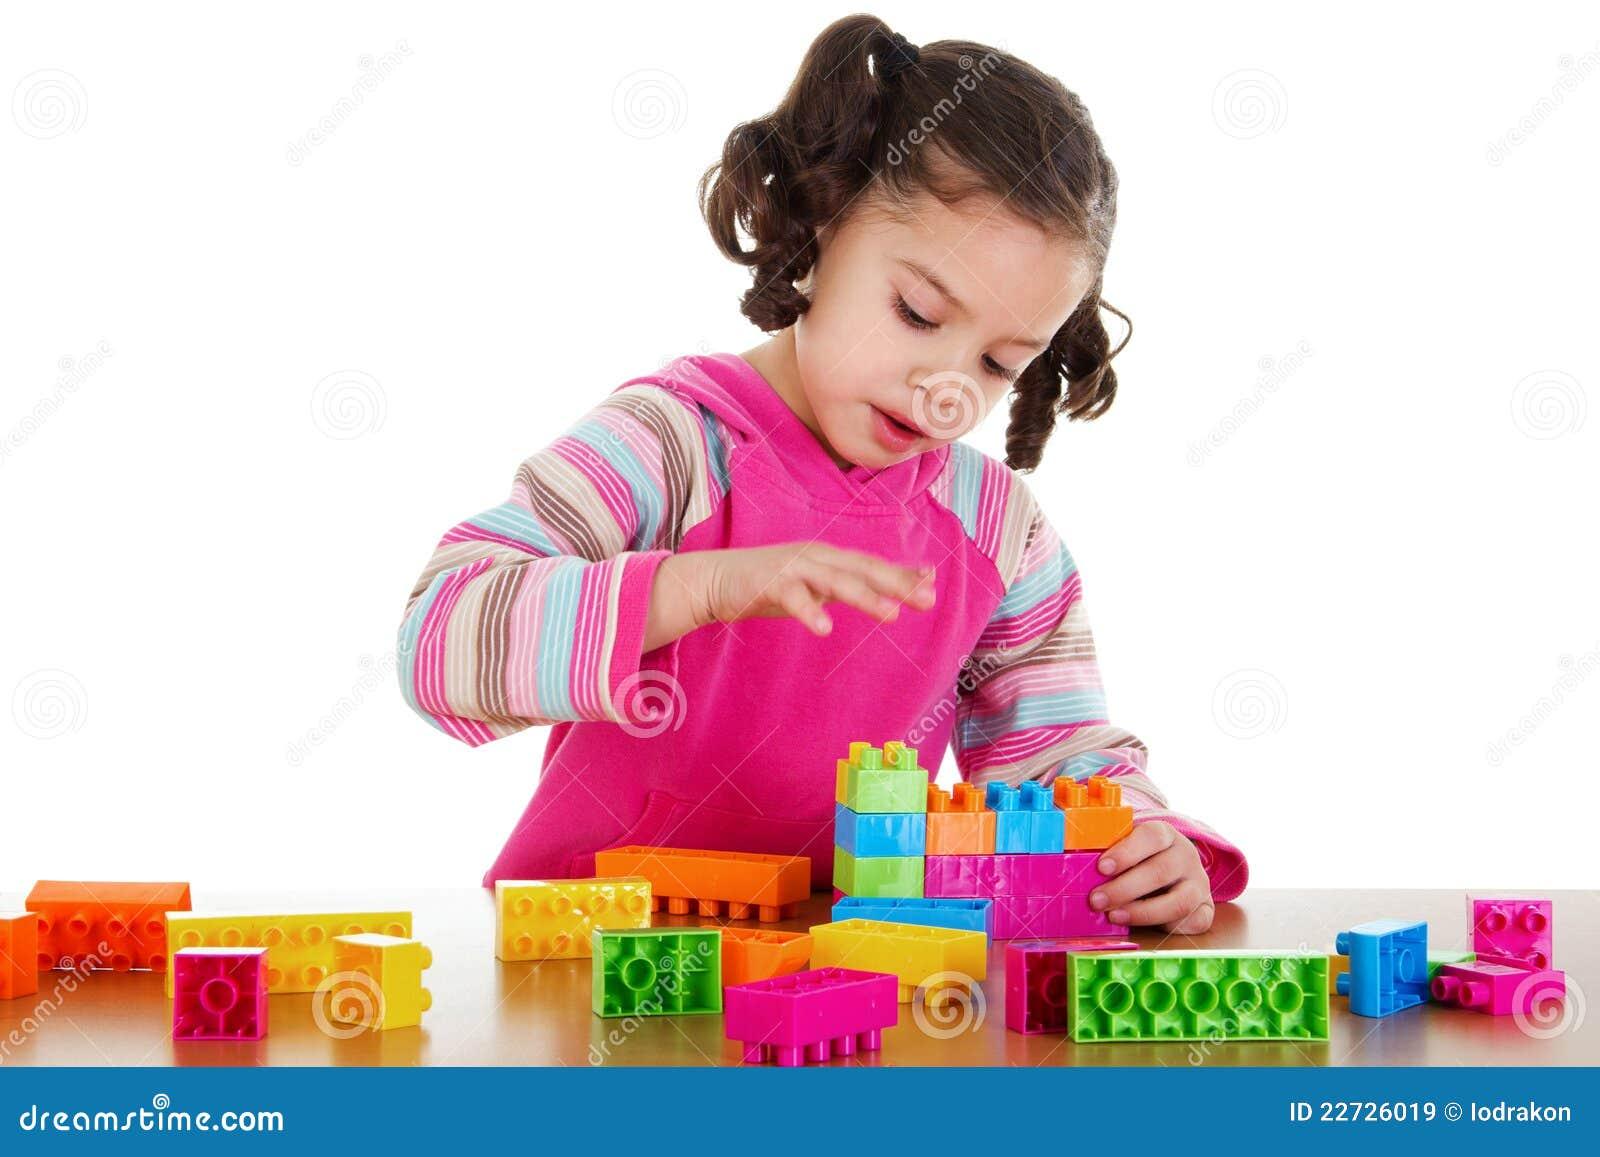 Het spelen van de kleuter royalty vrije stock afbeeldingen afbeelding 22726019 - Beeld het meisje van ...